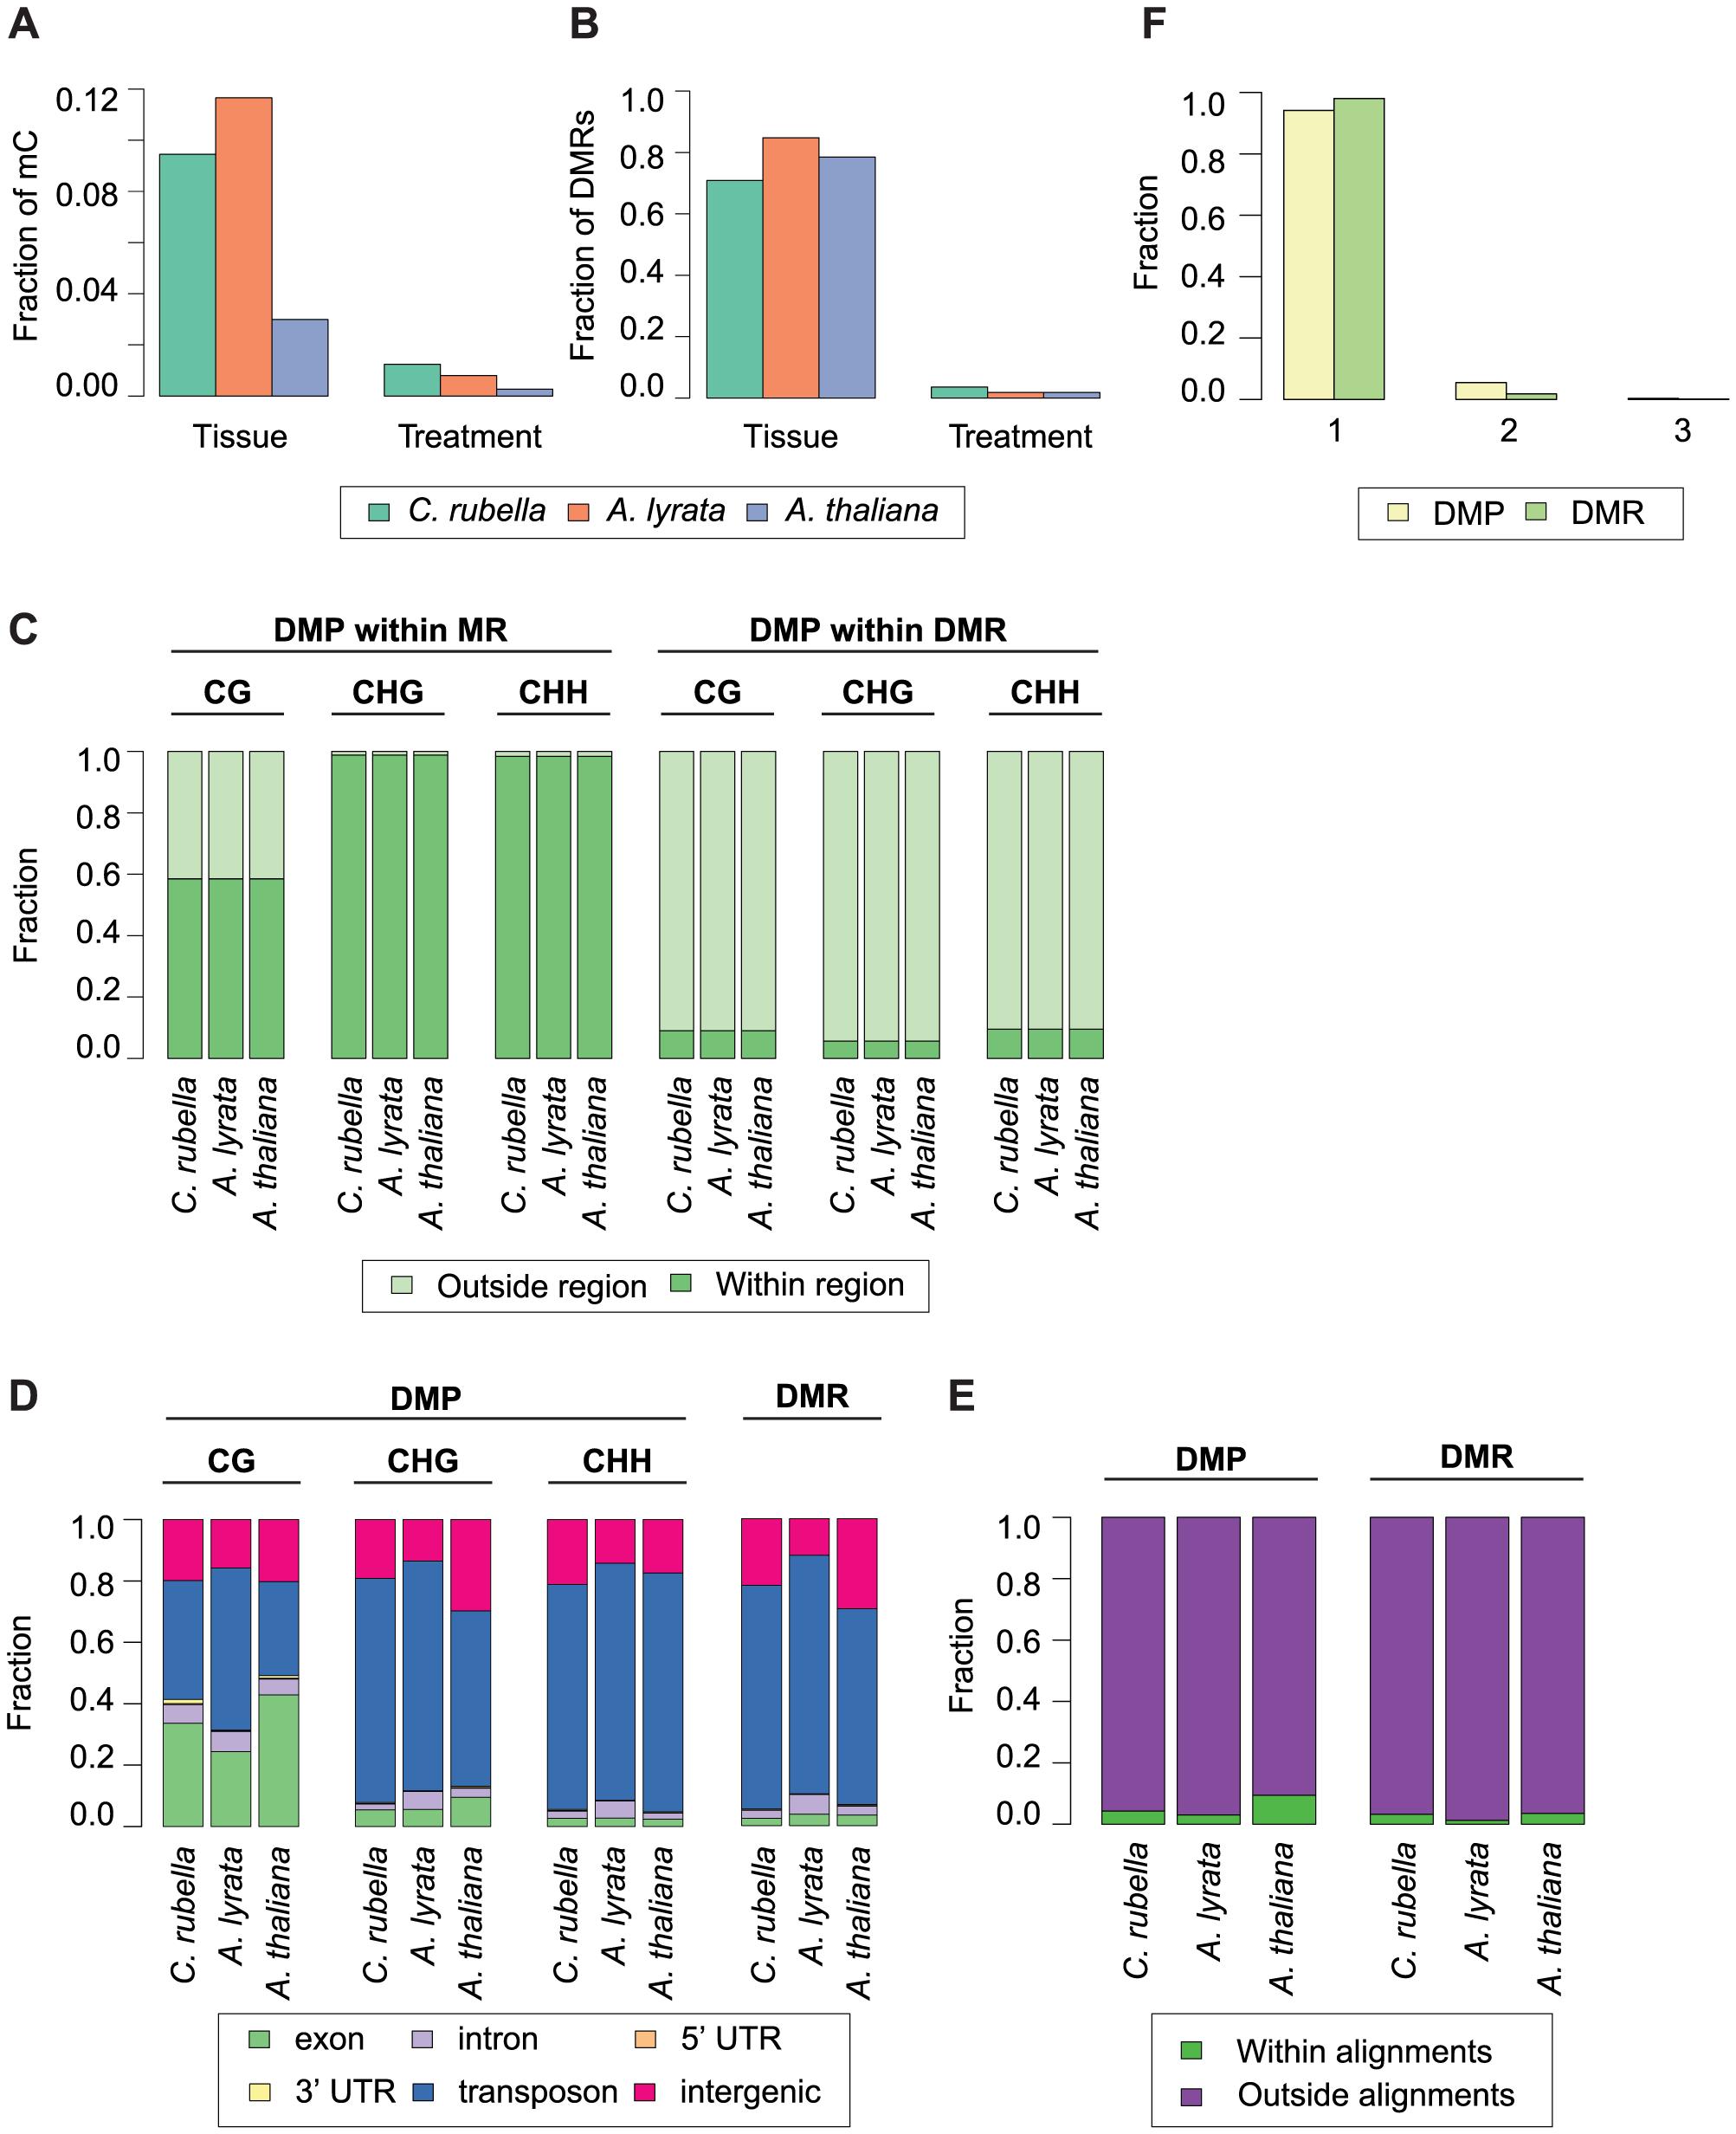 Intraspecific variation in DNA methylation.